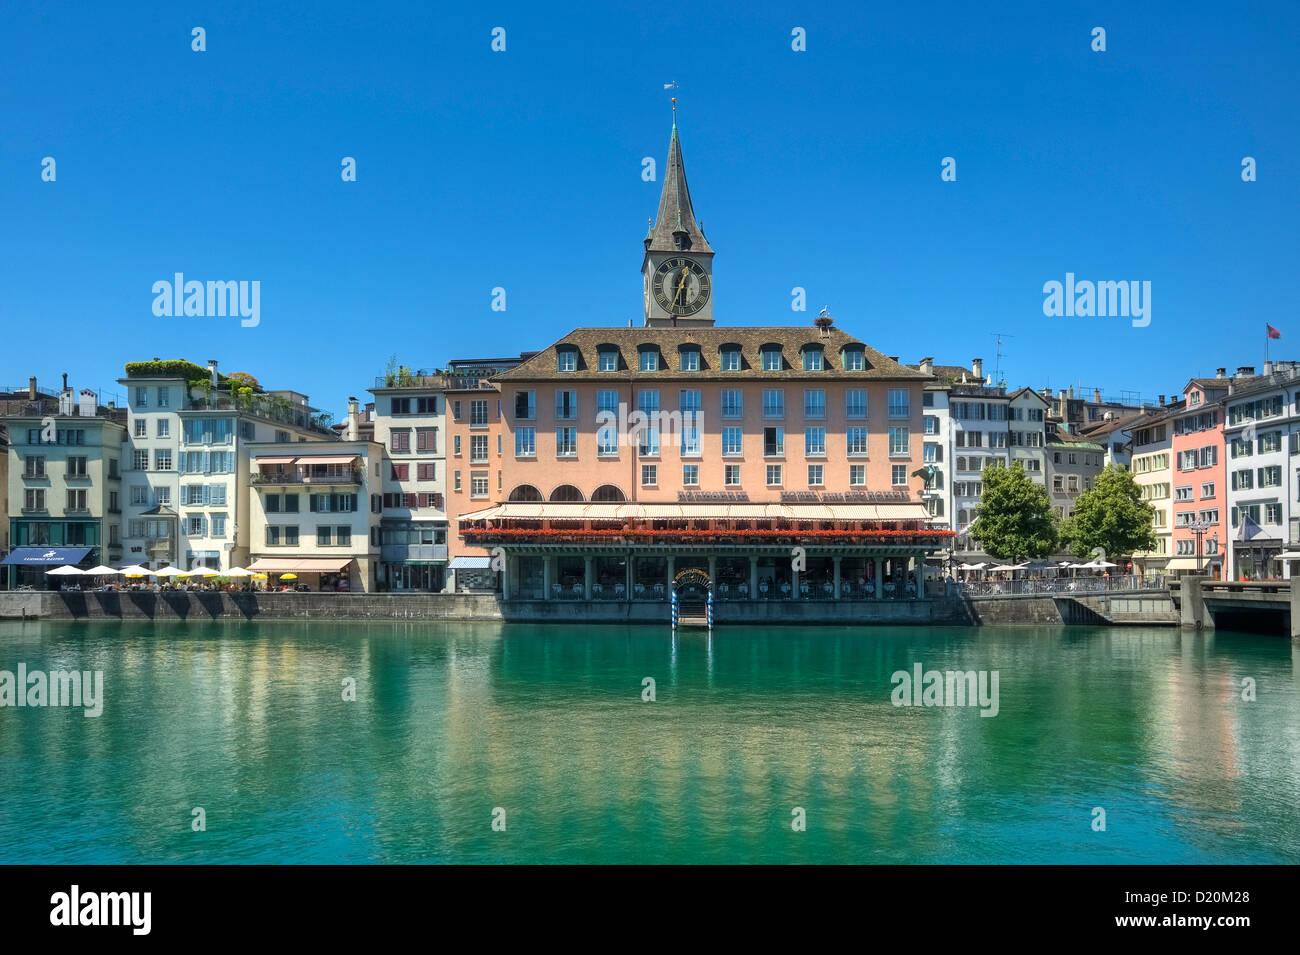 Limmat river with St. Peter and Hotel zum Storchen, Zurich, Switzerland, Europe - Stock Image